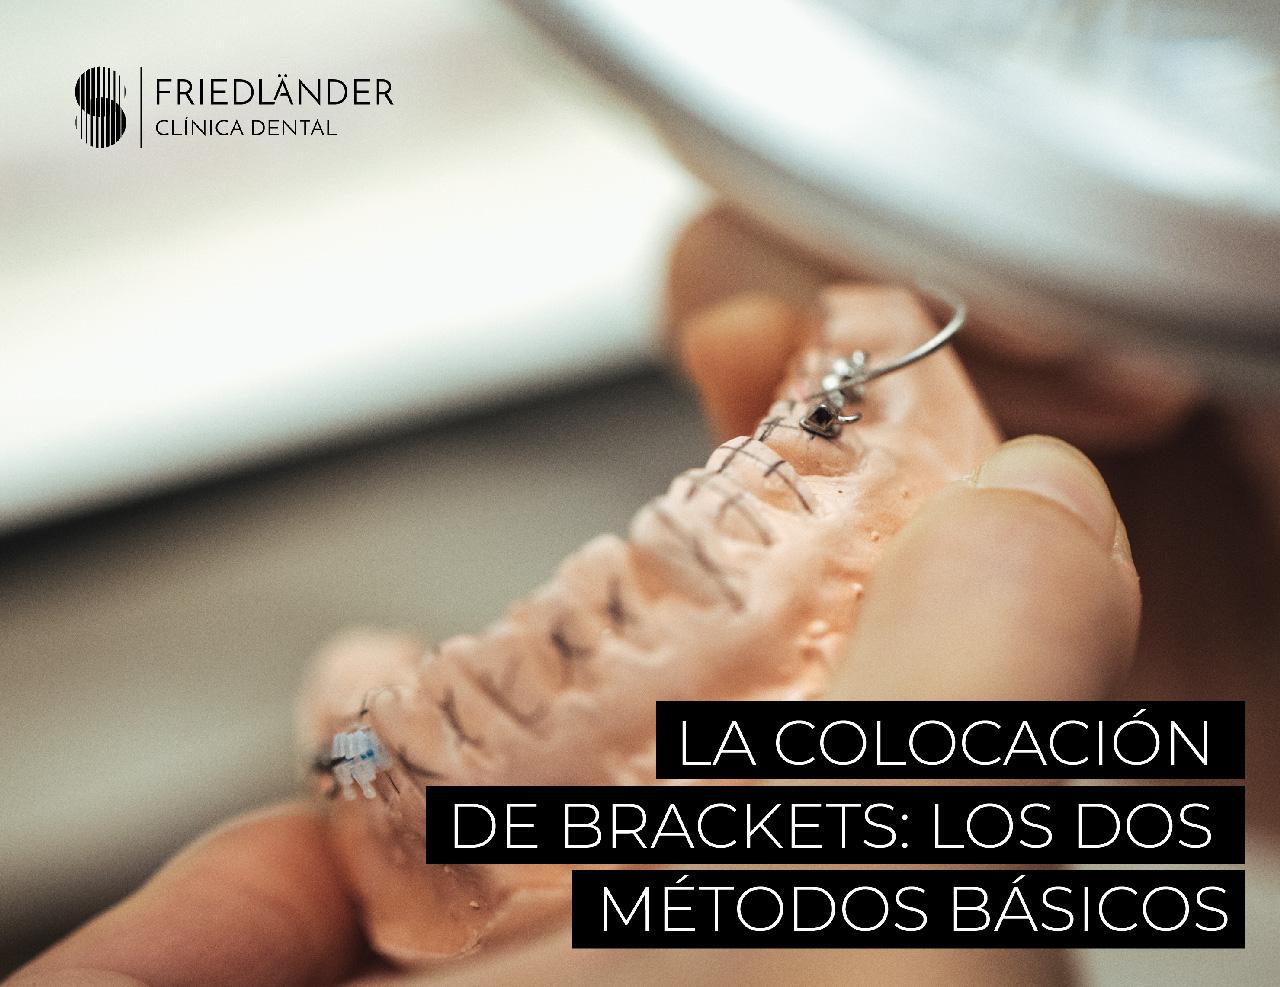 La colocación de los brackets: los dos métodos básicos 1